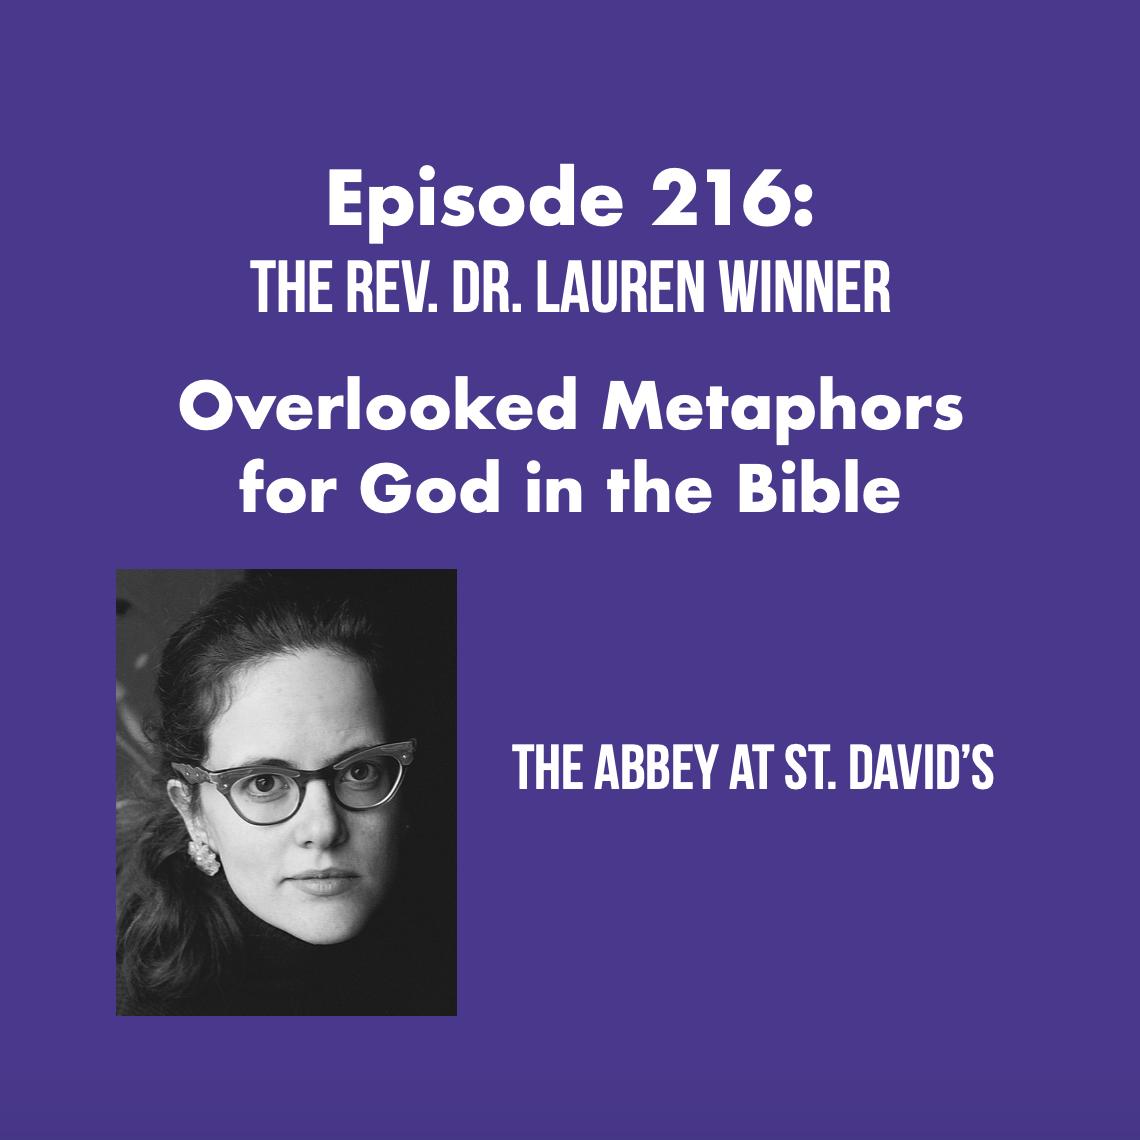 Episode 216: Overlooked Metaphors for God in the Bible with The Rev. Dr. Lauren Winner